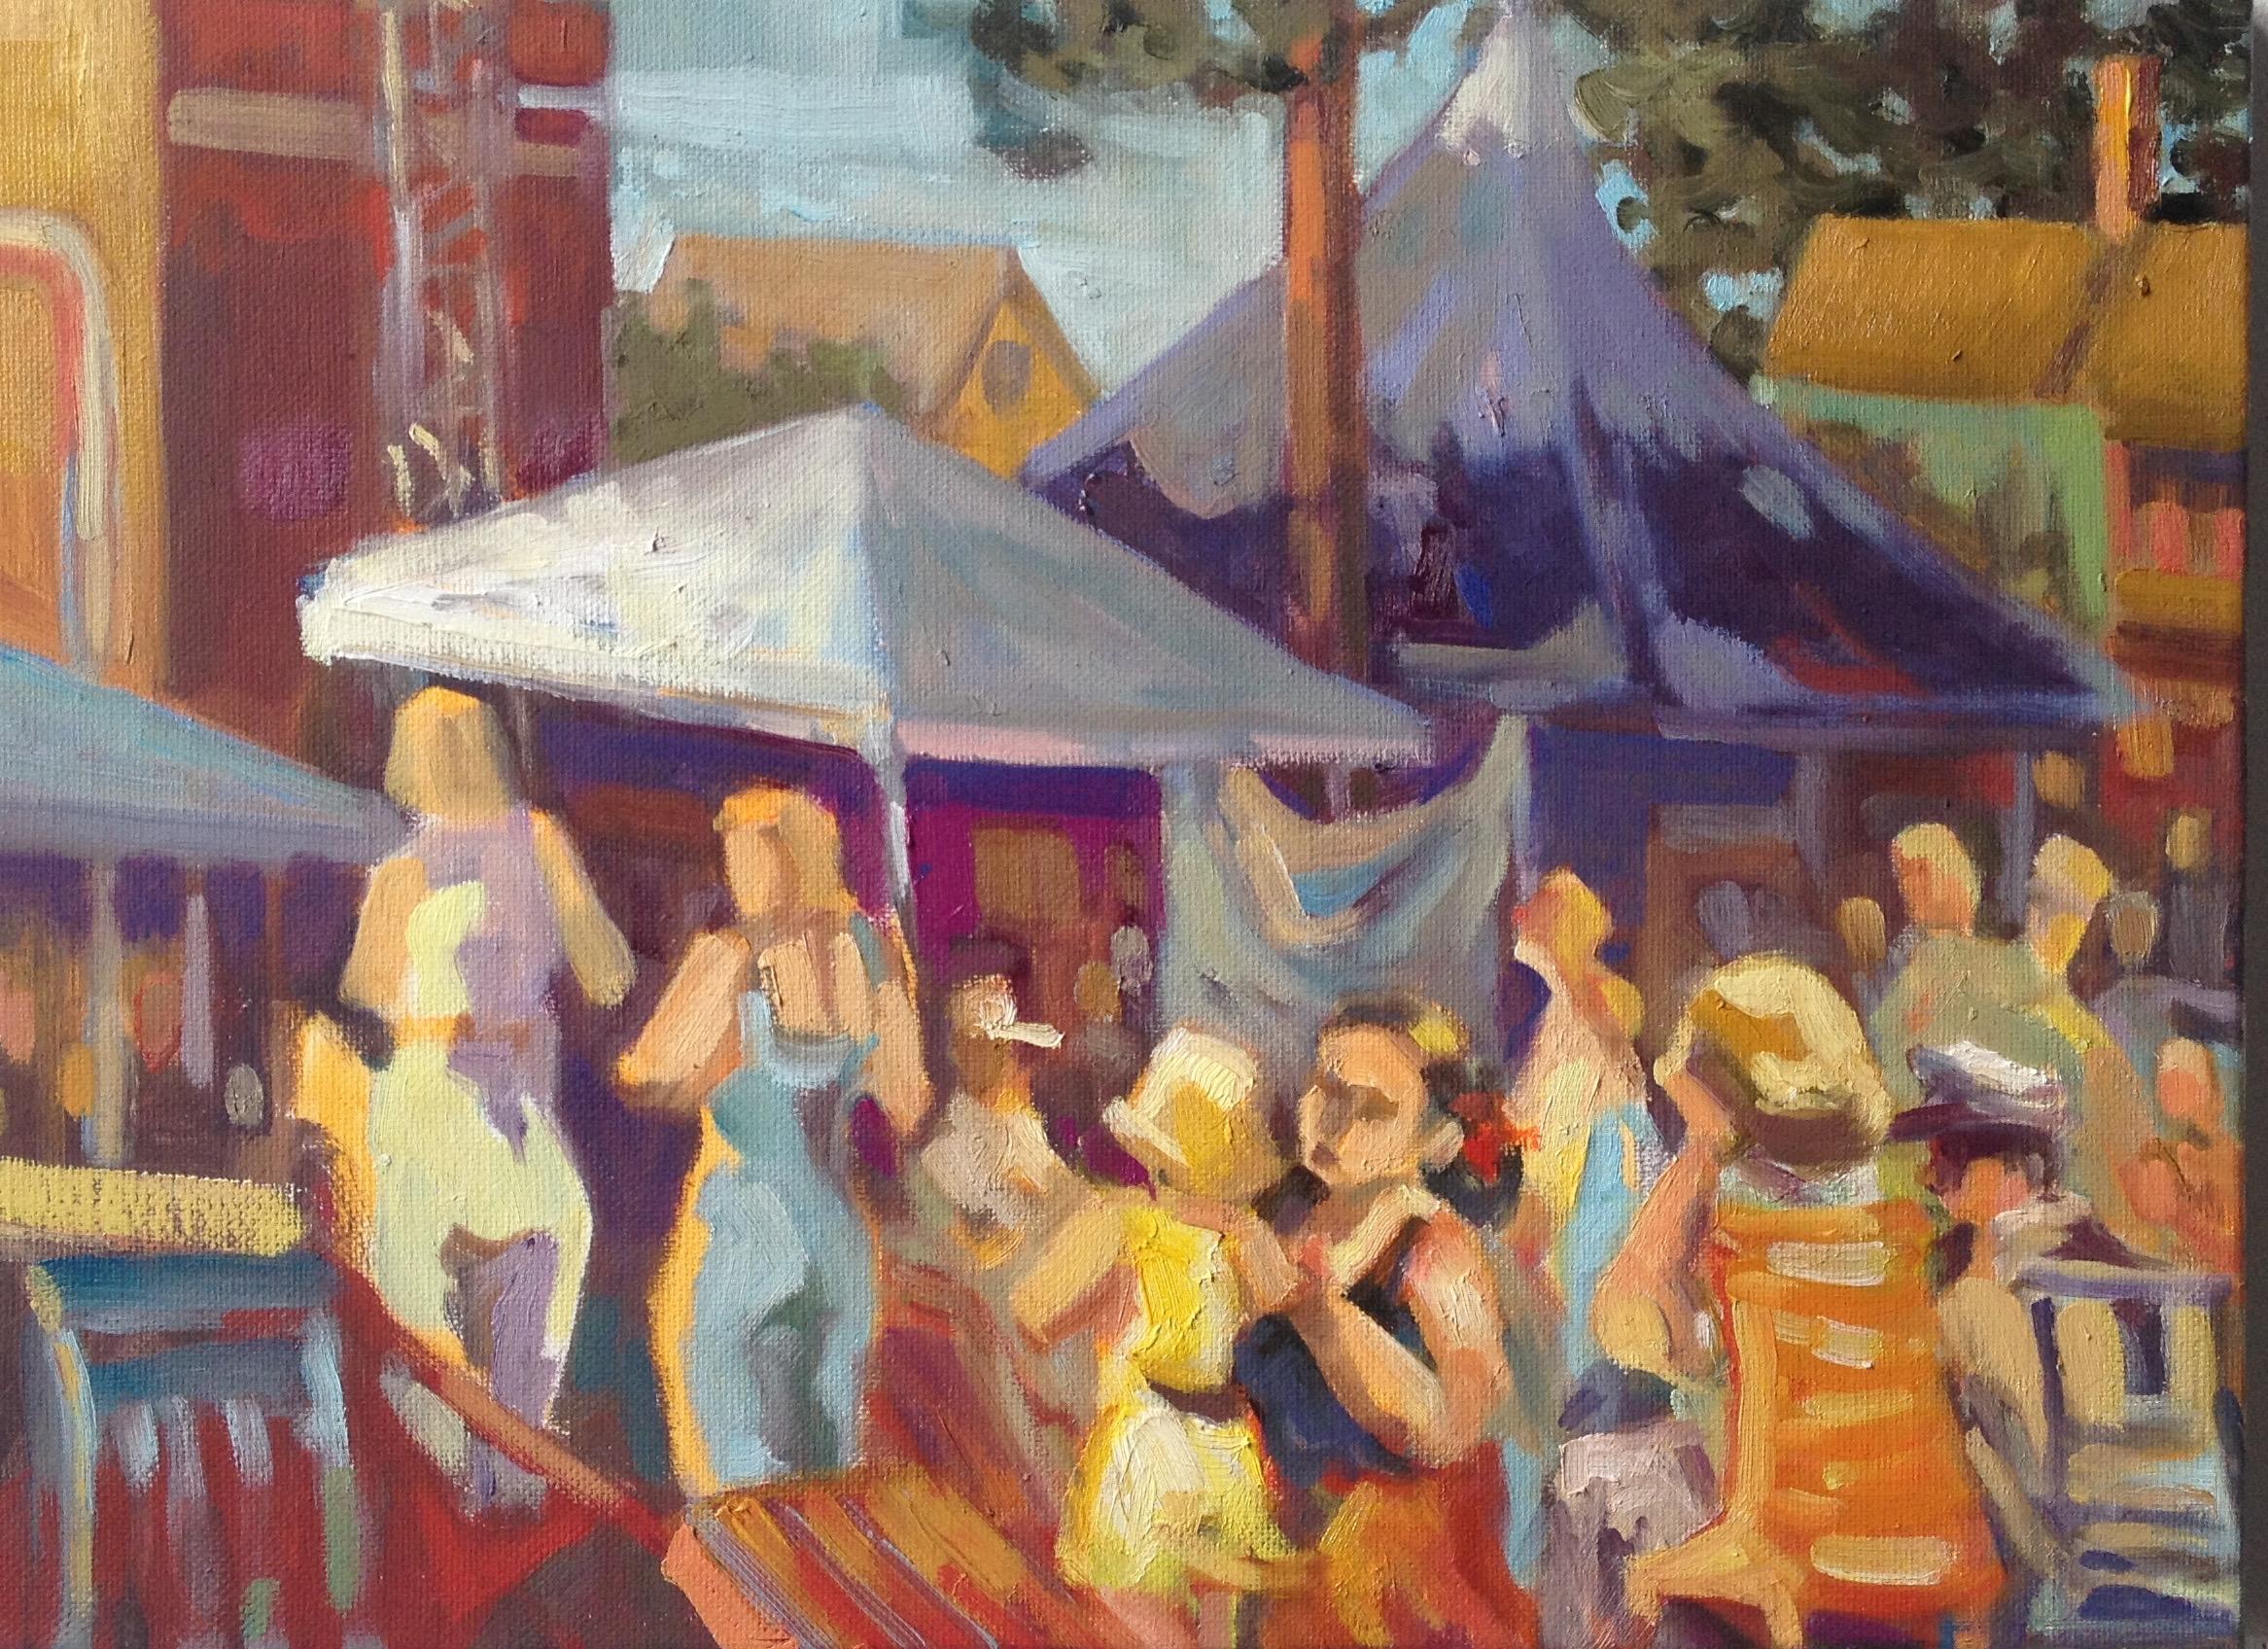 Ladies in Waiting, oil, 12 x 14